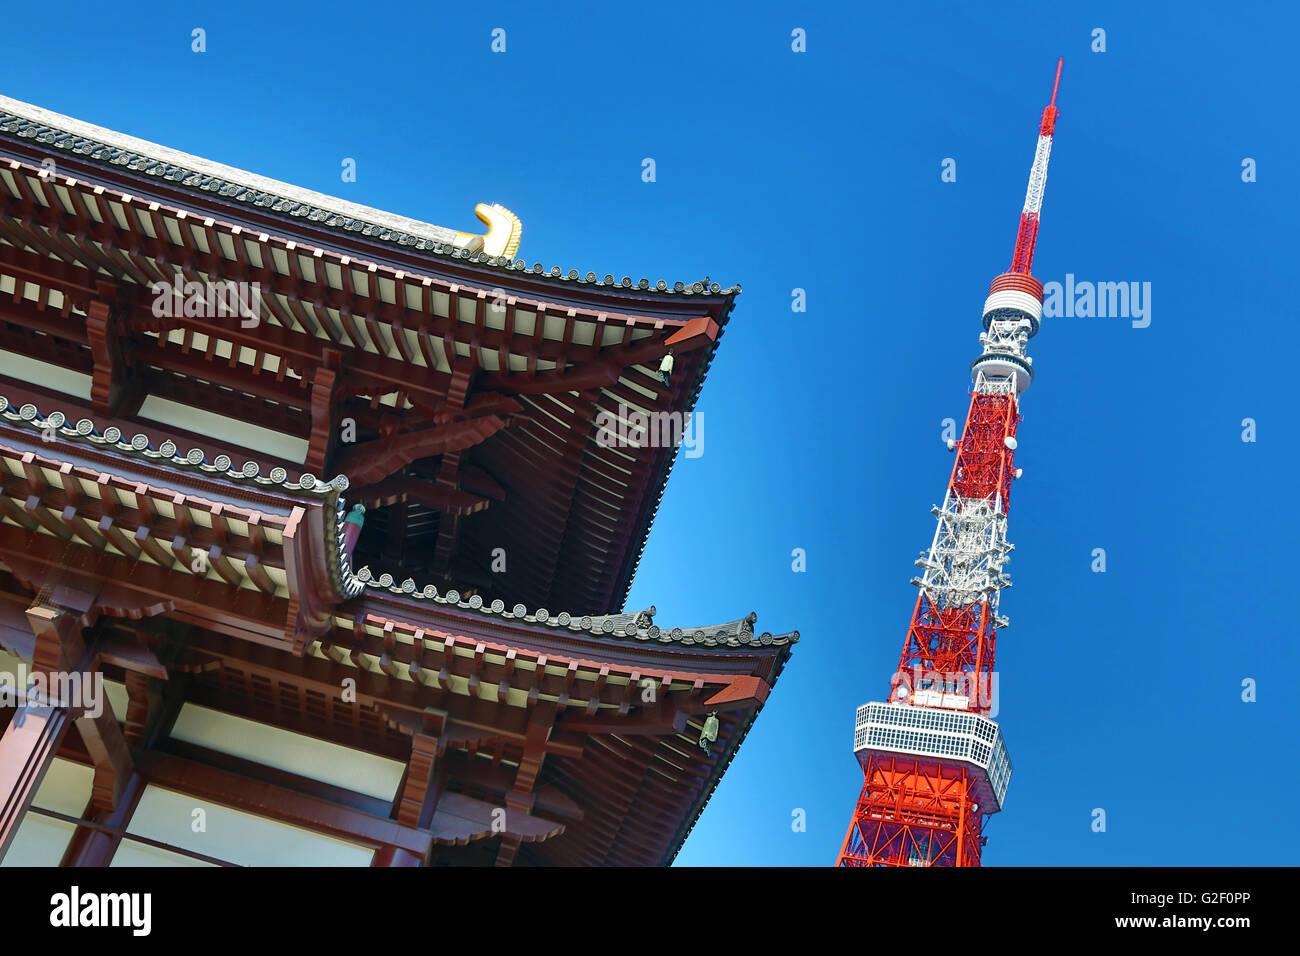 Toit du Daiden (Hondo) la salle principale du Temple Zojoji et la Tour de Tokyo à Tokyo, Japon Photo Stock